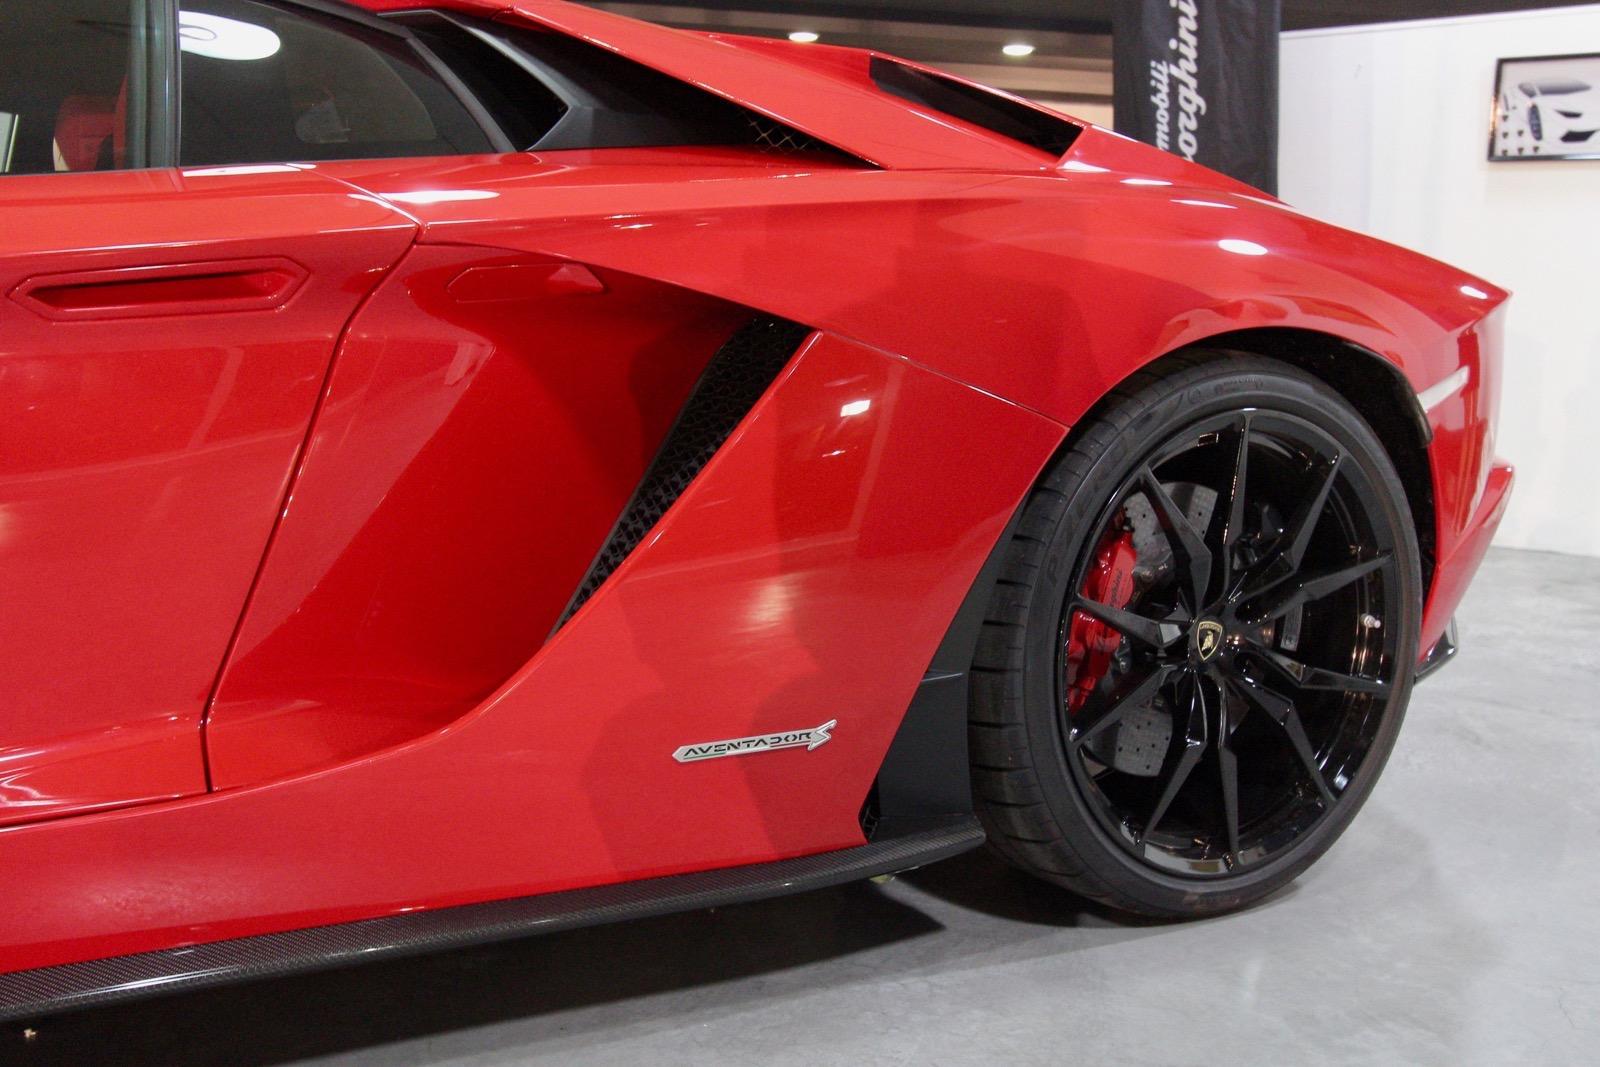 Lamborghini_Aventador_S_in_Greece_11